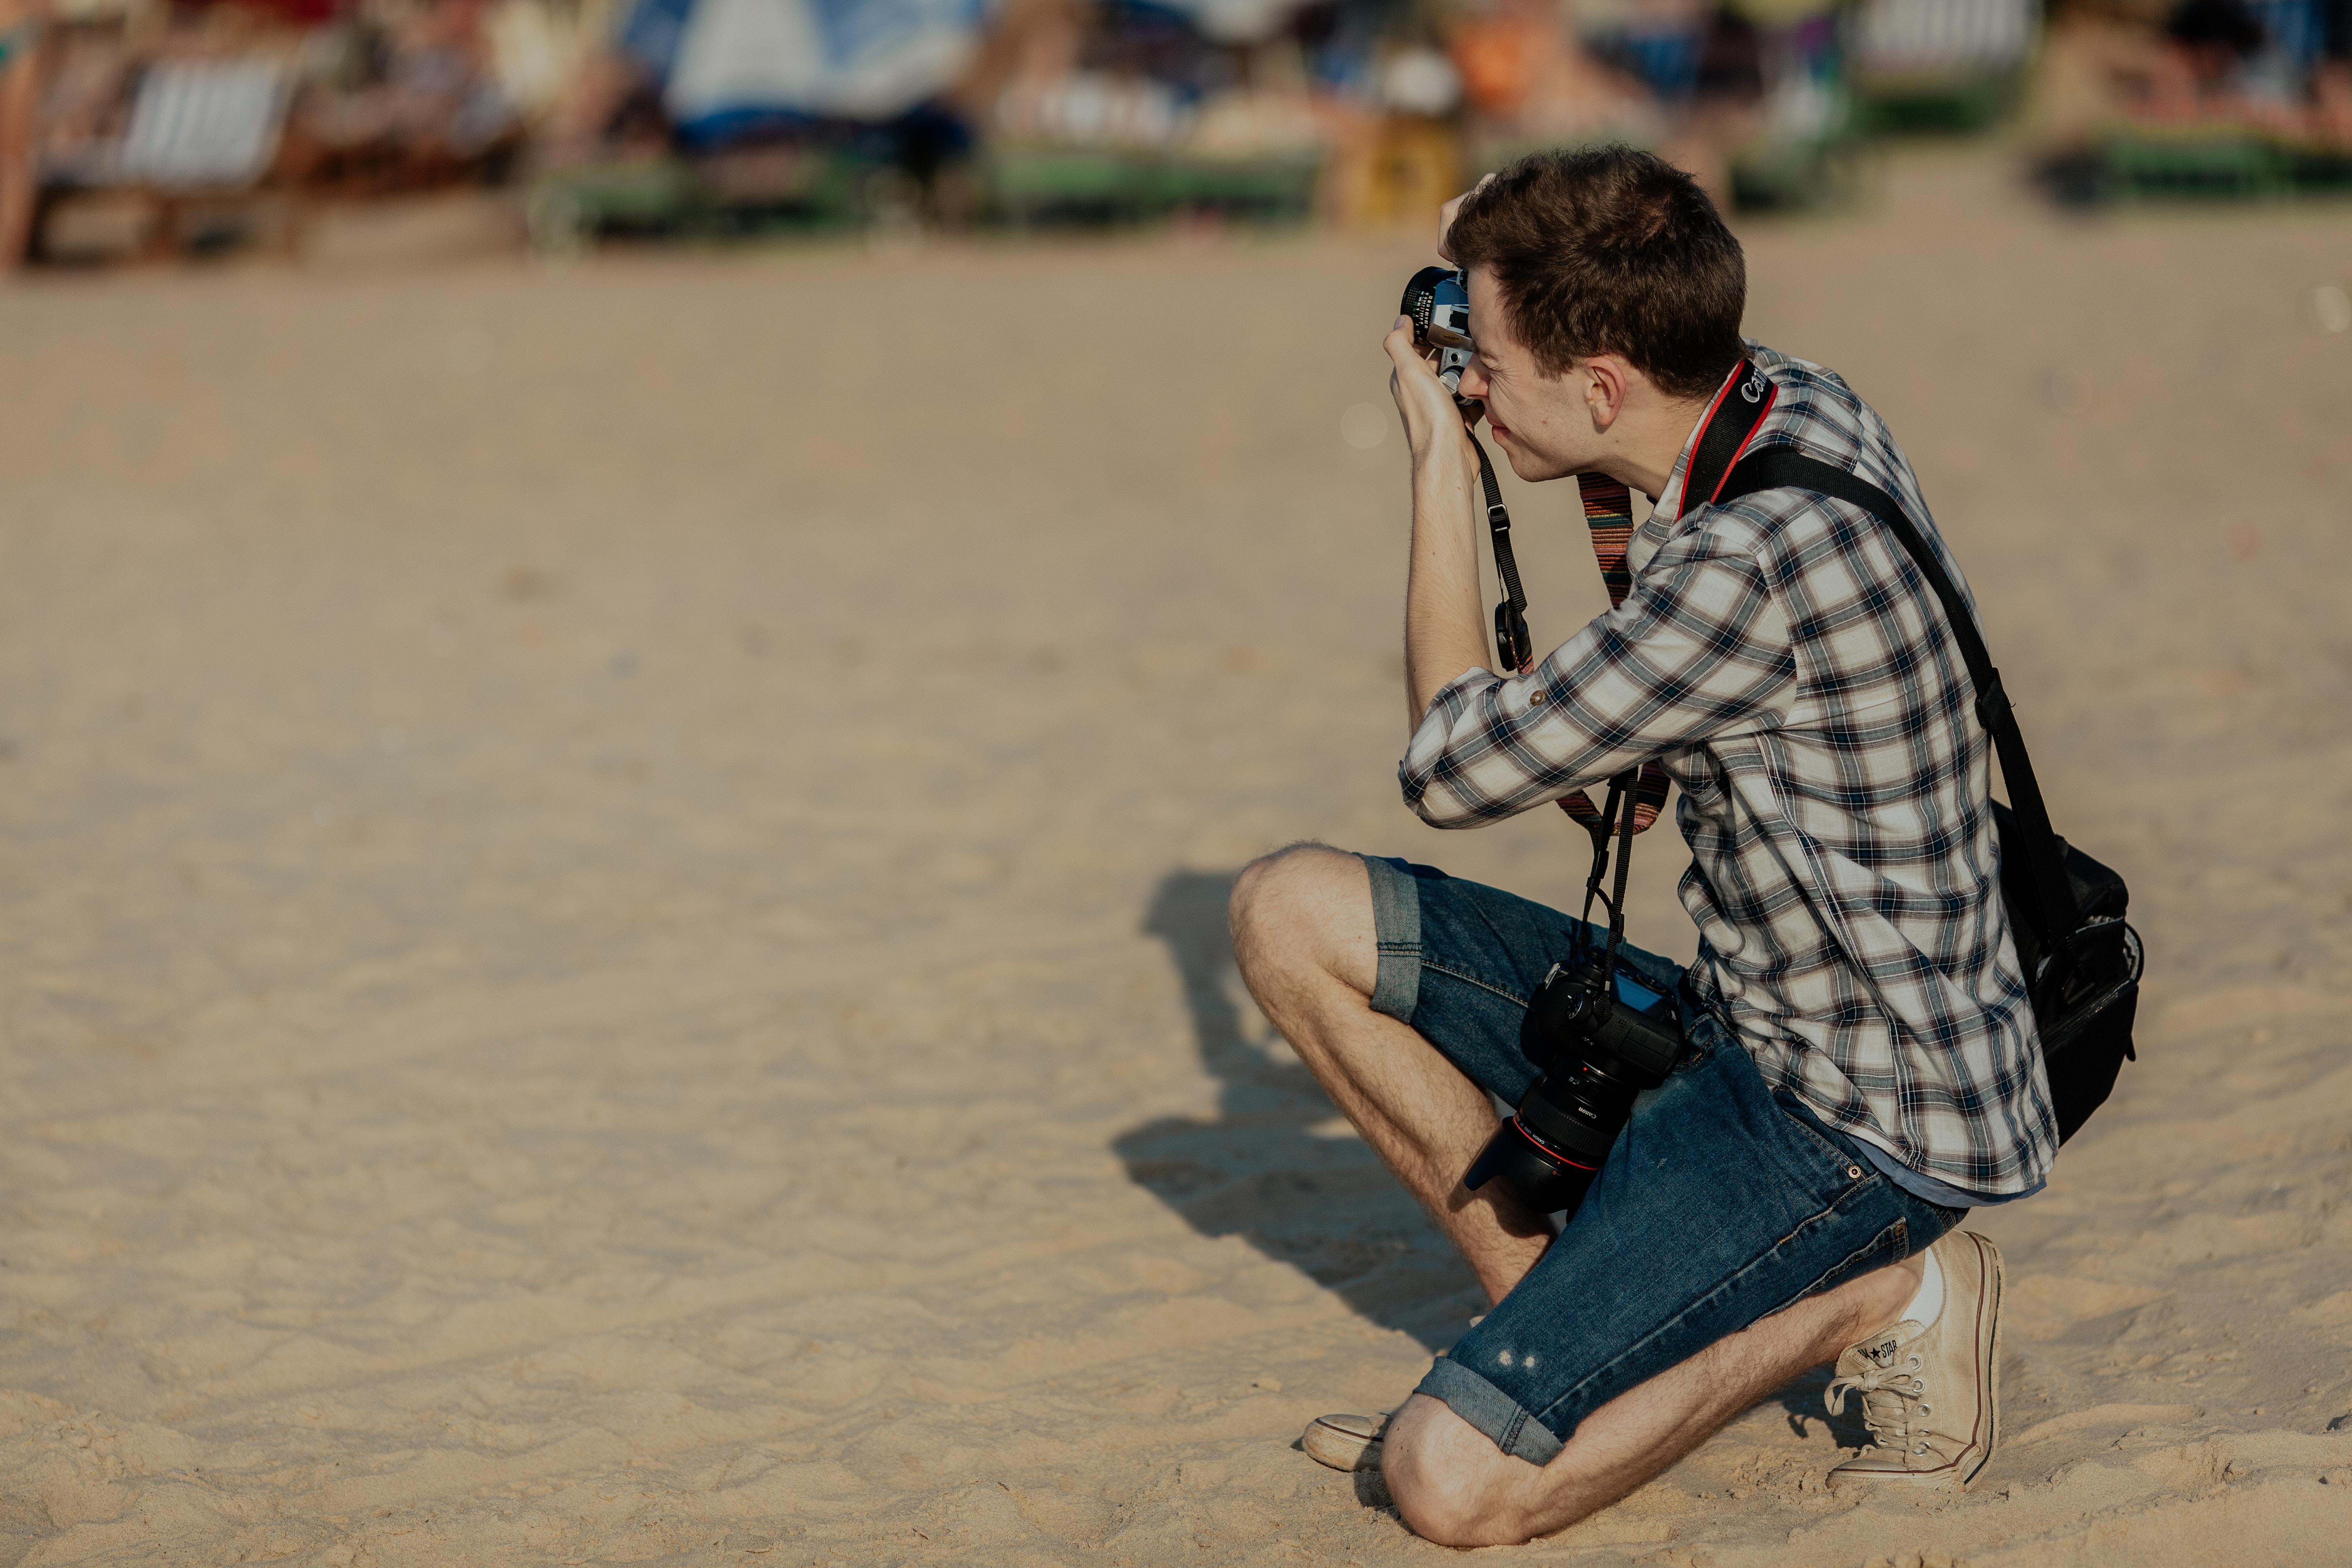 man kneeling taking photo